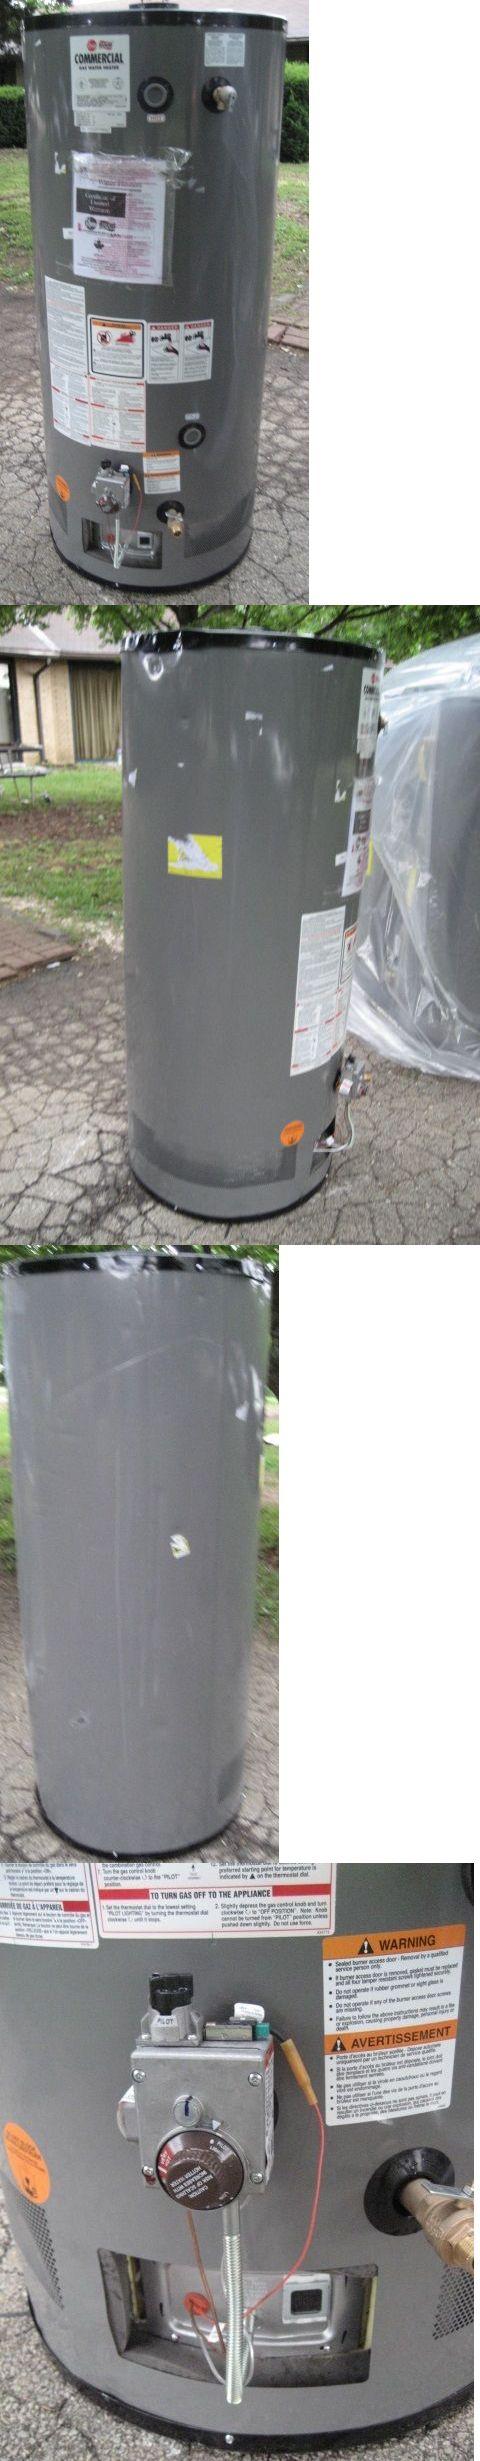 Natural Gas Power Vent Water Heater Mas De 10 Ideas Increa Bles Sobre Natural Gas Water Heater En Pinterest